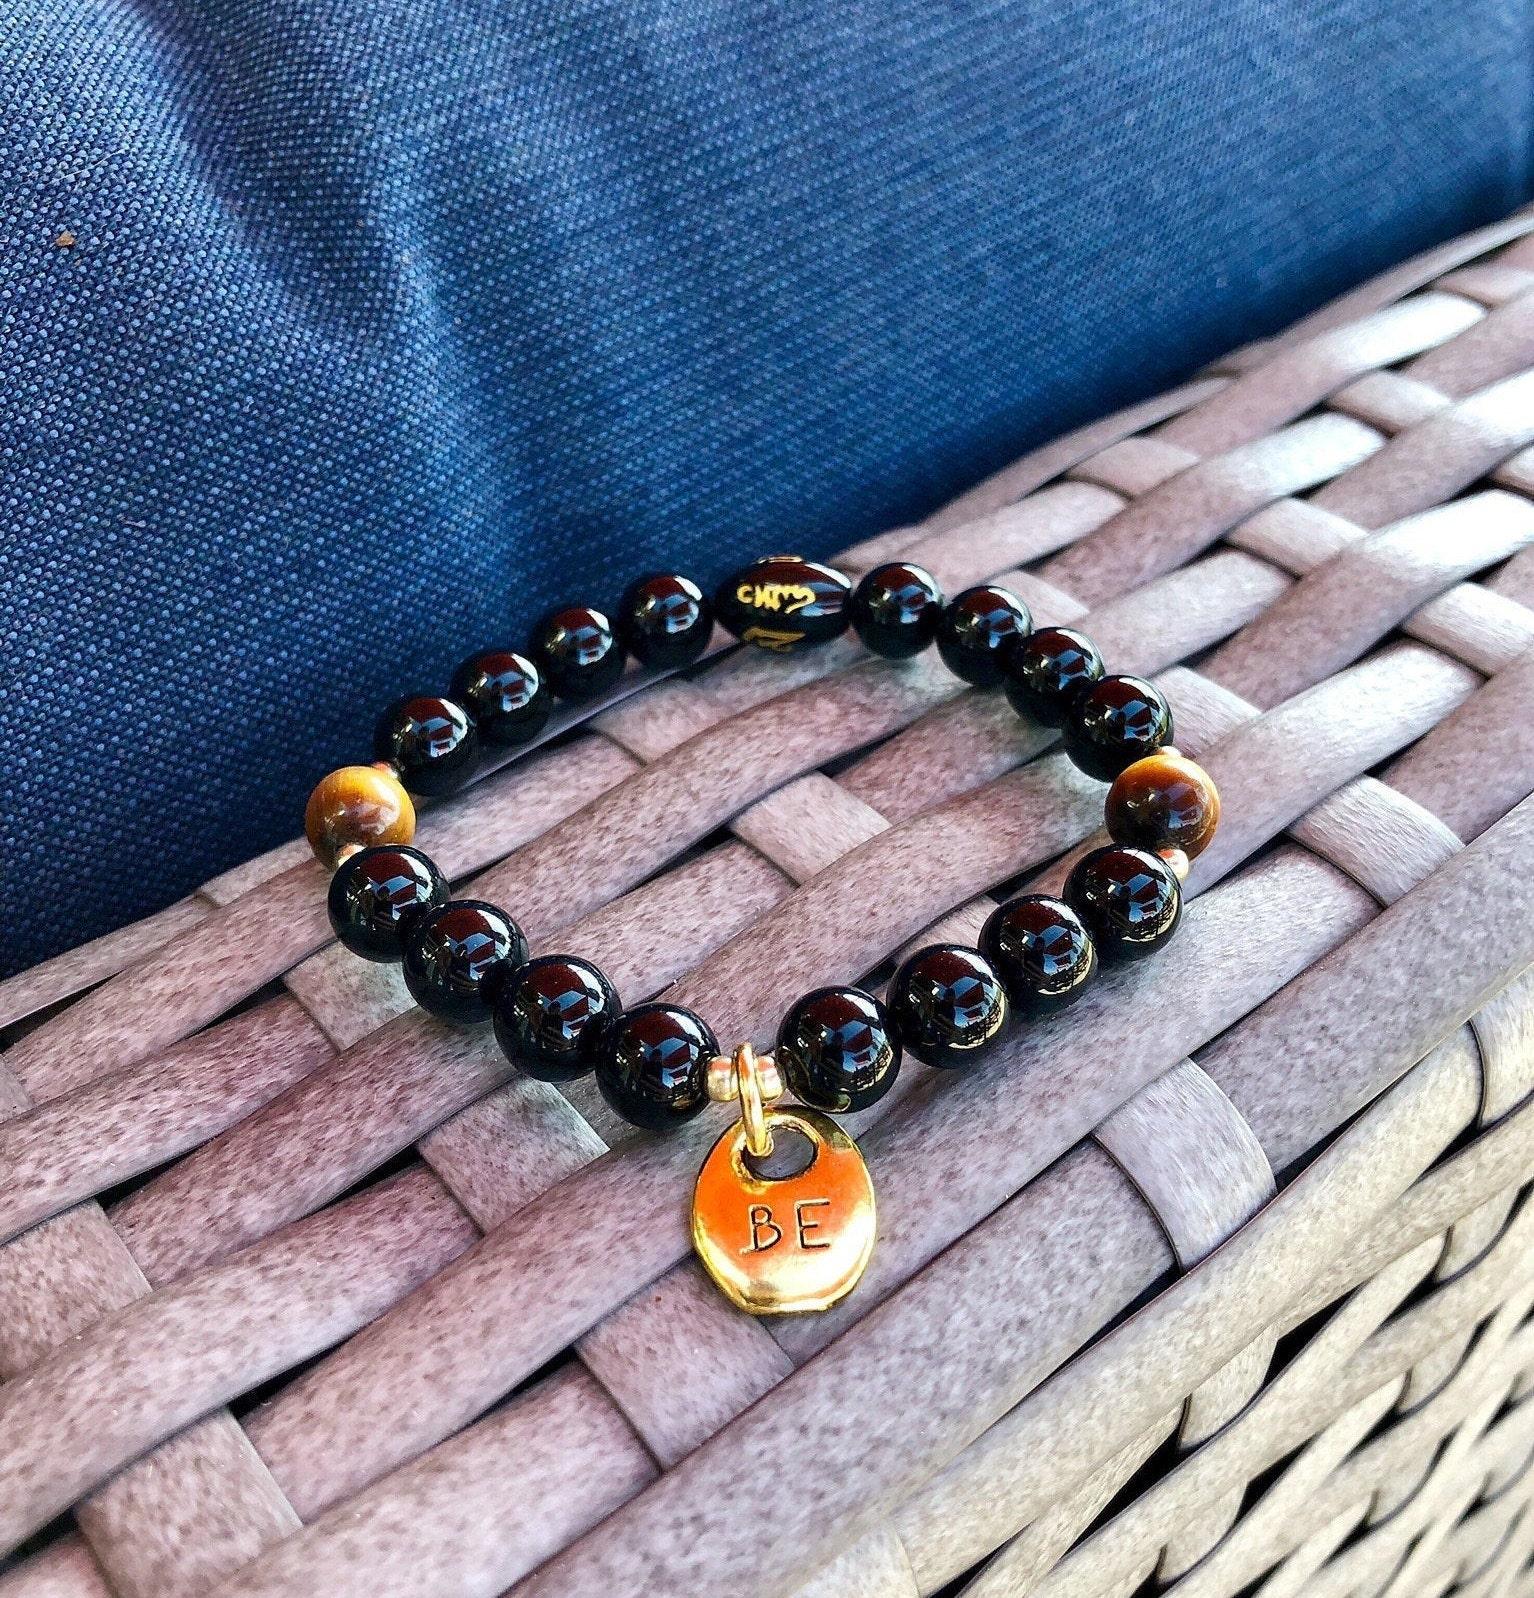 Reiki Infused Personal Power Willpower Mala Bracelet Tigers Eye Confidence Luxury Gemstone Mala Beads Black Tourmaline